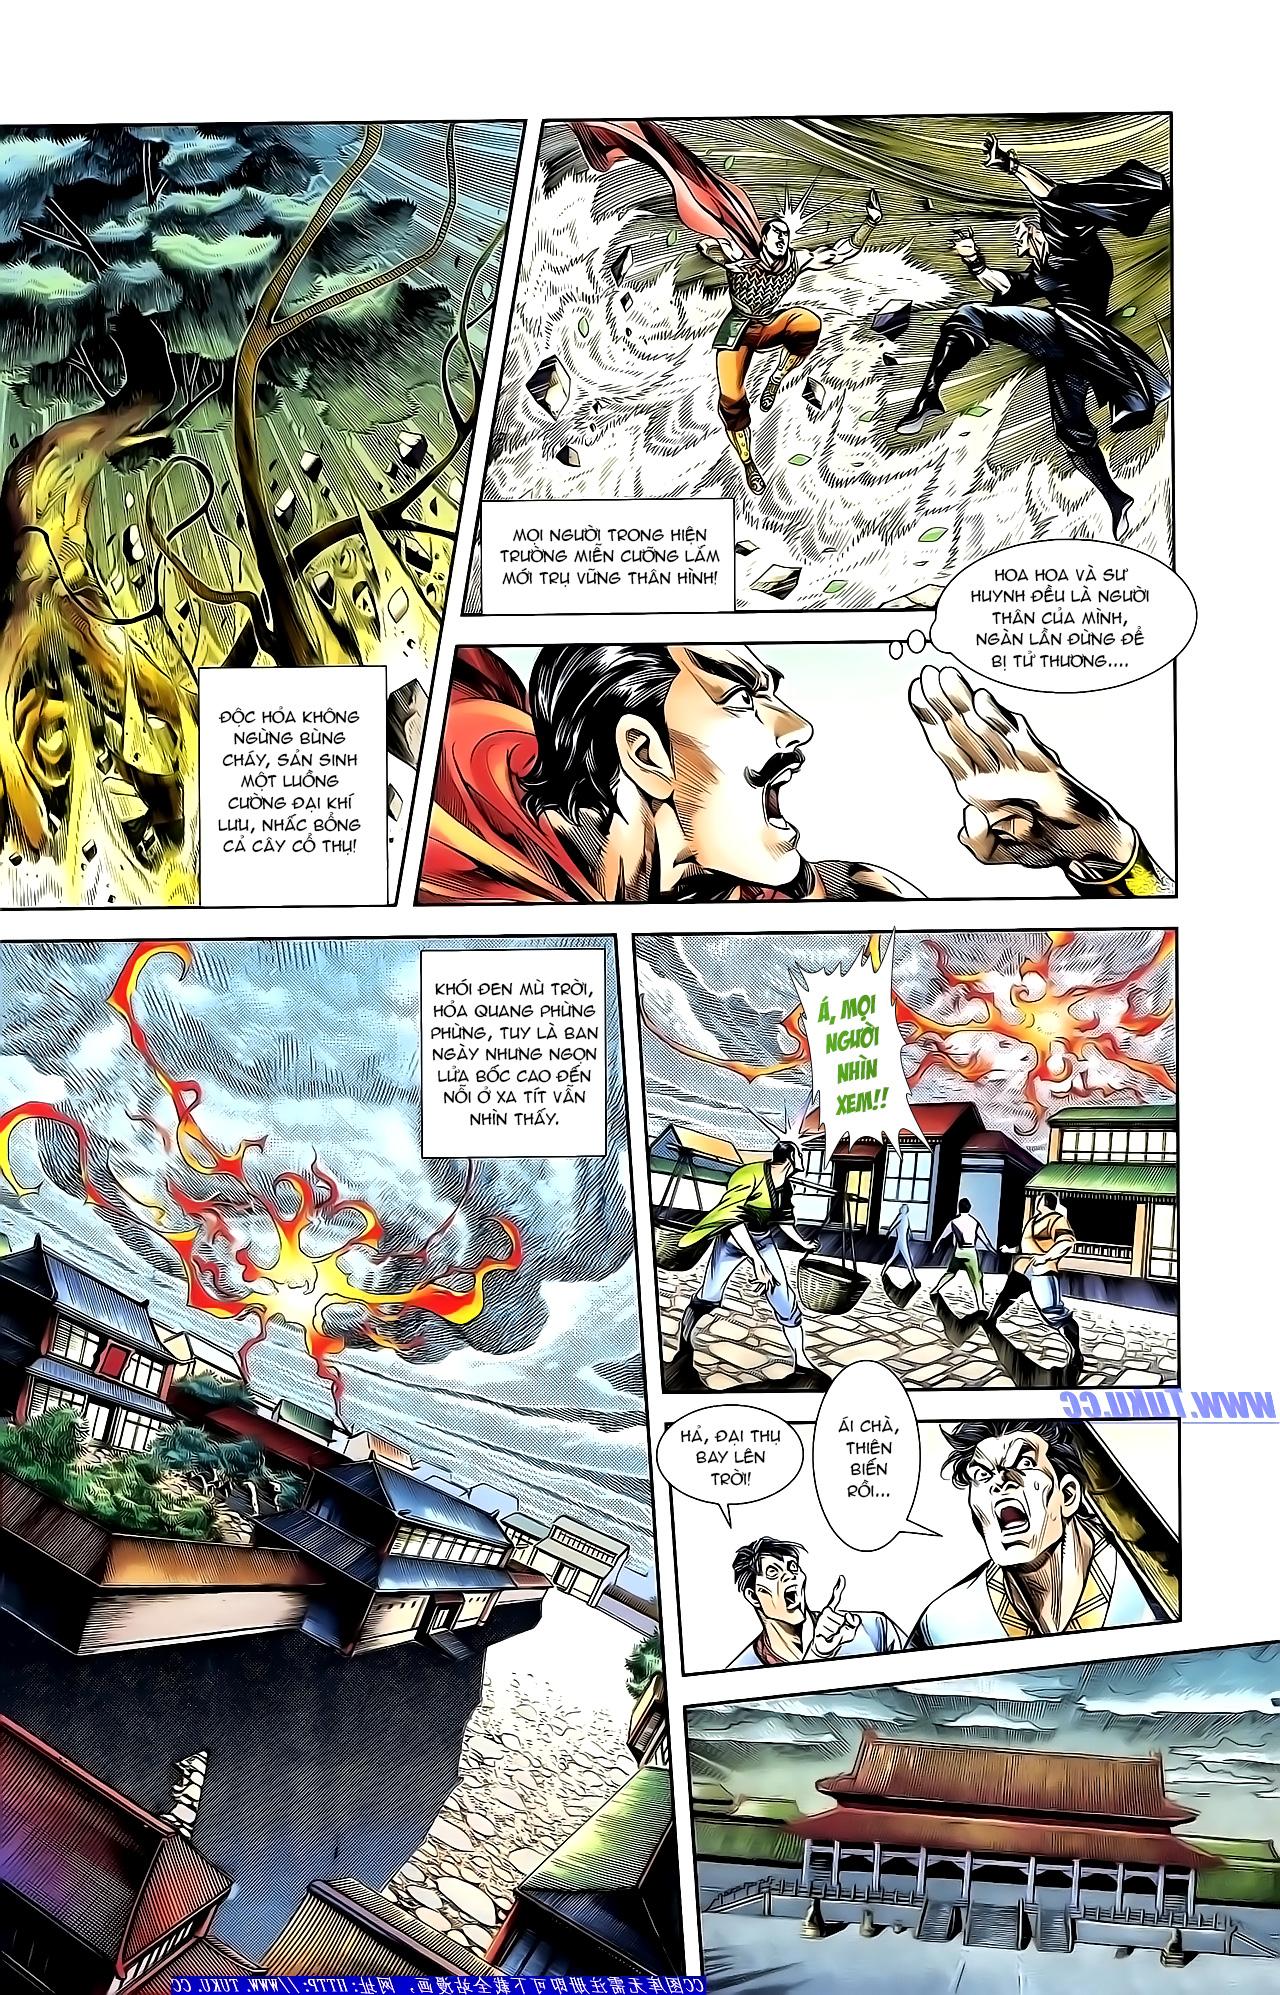 Cơ Phát Khai Chu Bản chapter 151 trang 6